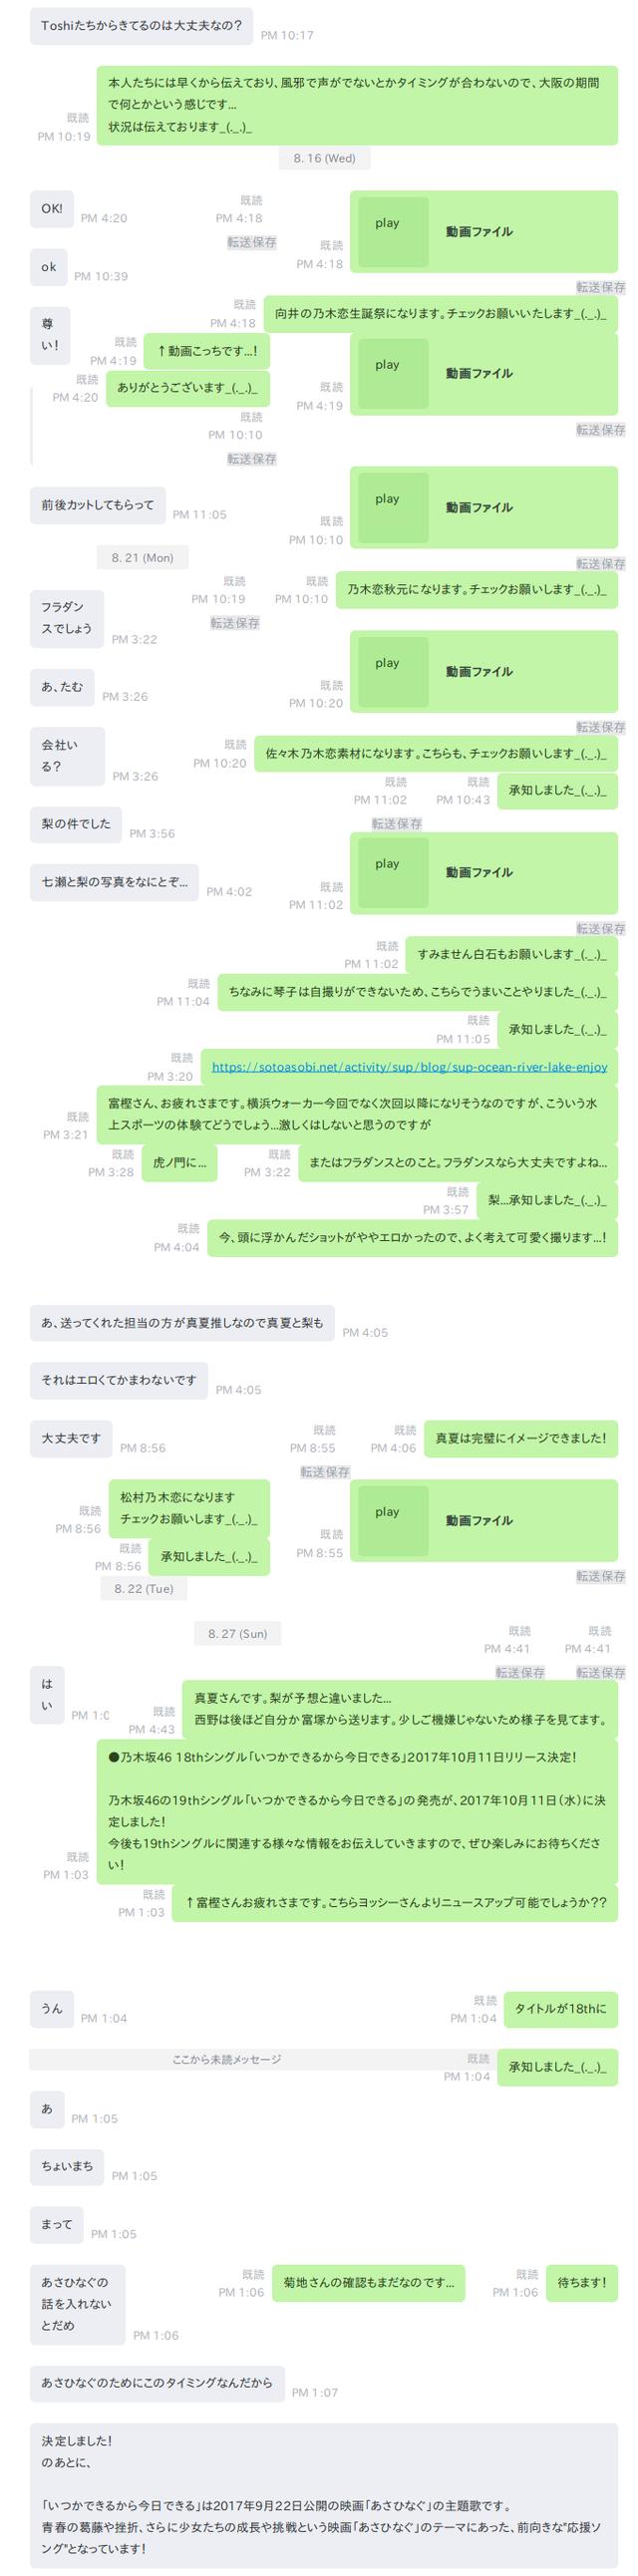 【エンタメ画像】乃木坂46公式サイトにて運営のLINEの内容が一部始終流出wwwwwwwwwwwwwww(画像あり)